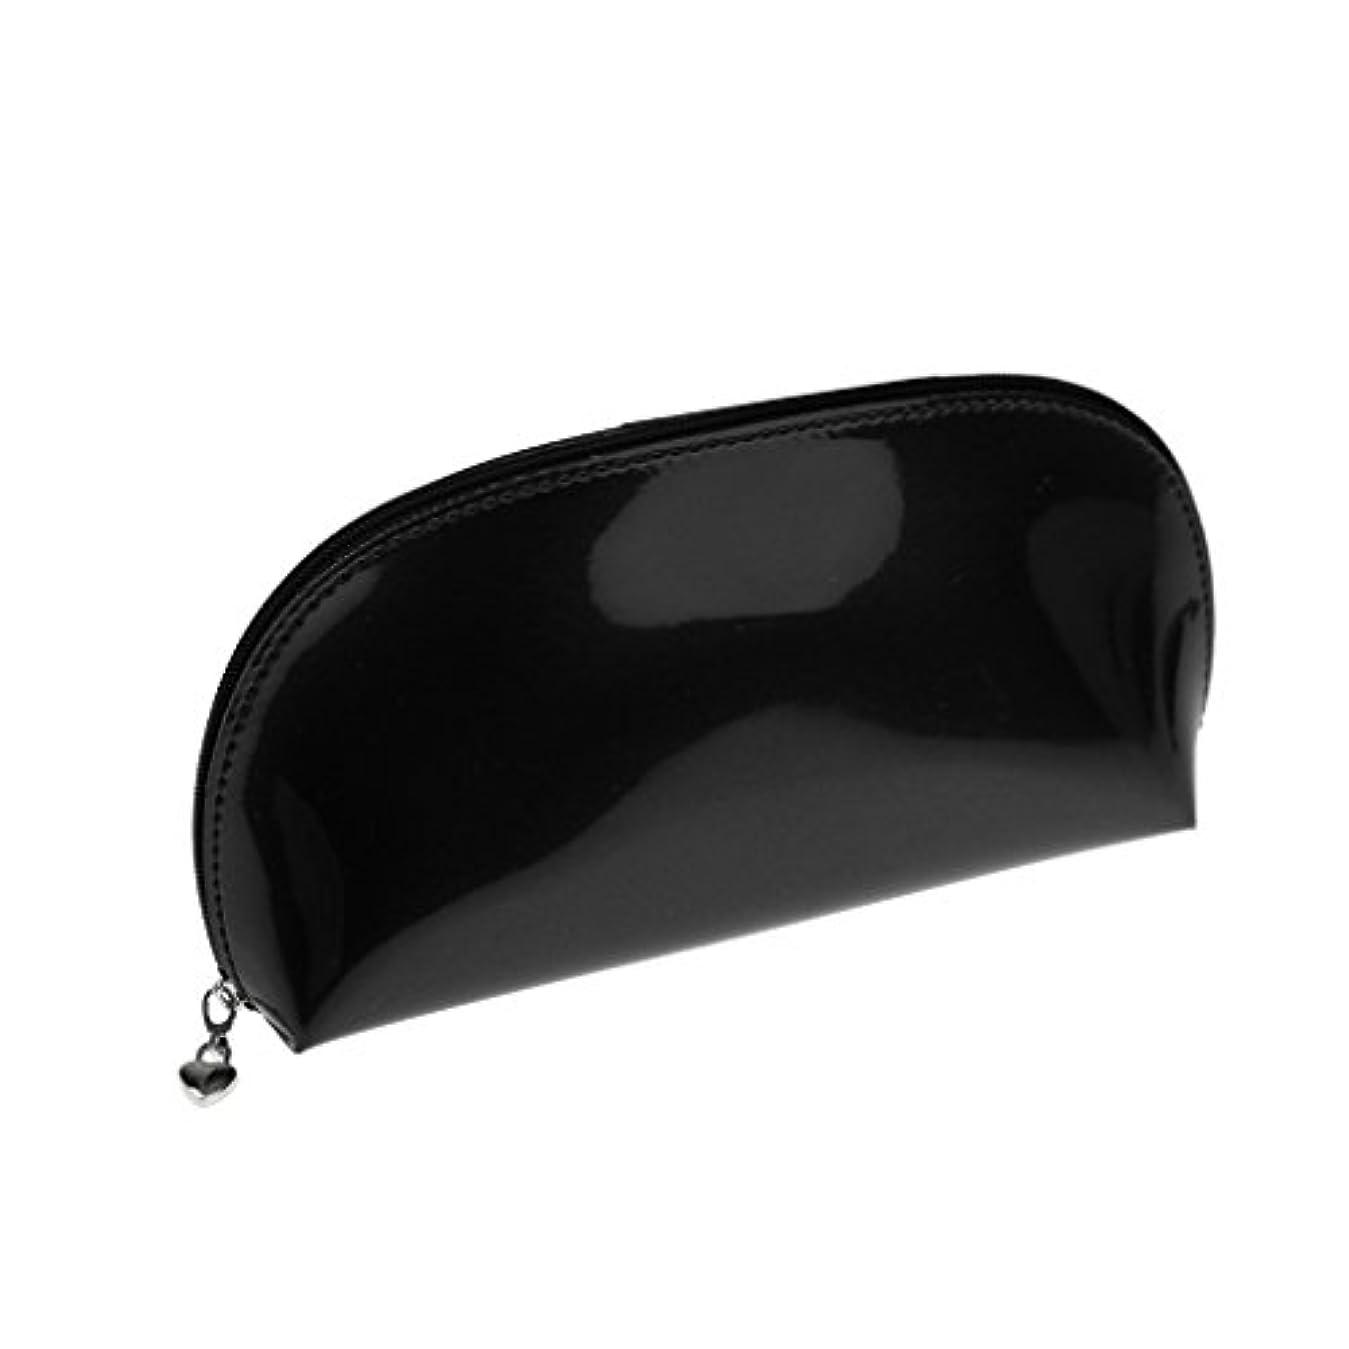 目的引用買い手全2色 化粧ポーチ メイクポーチ コスメティックバッグ 化粧品収納 メイクボックス 旅行 パーティ - ブラック